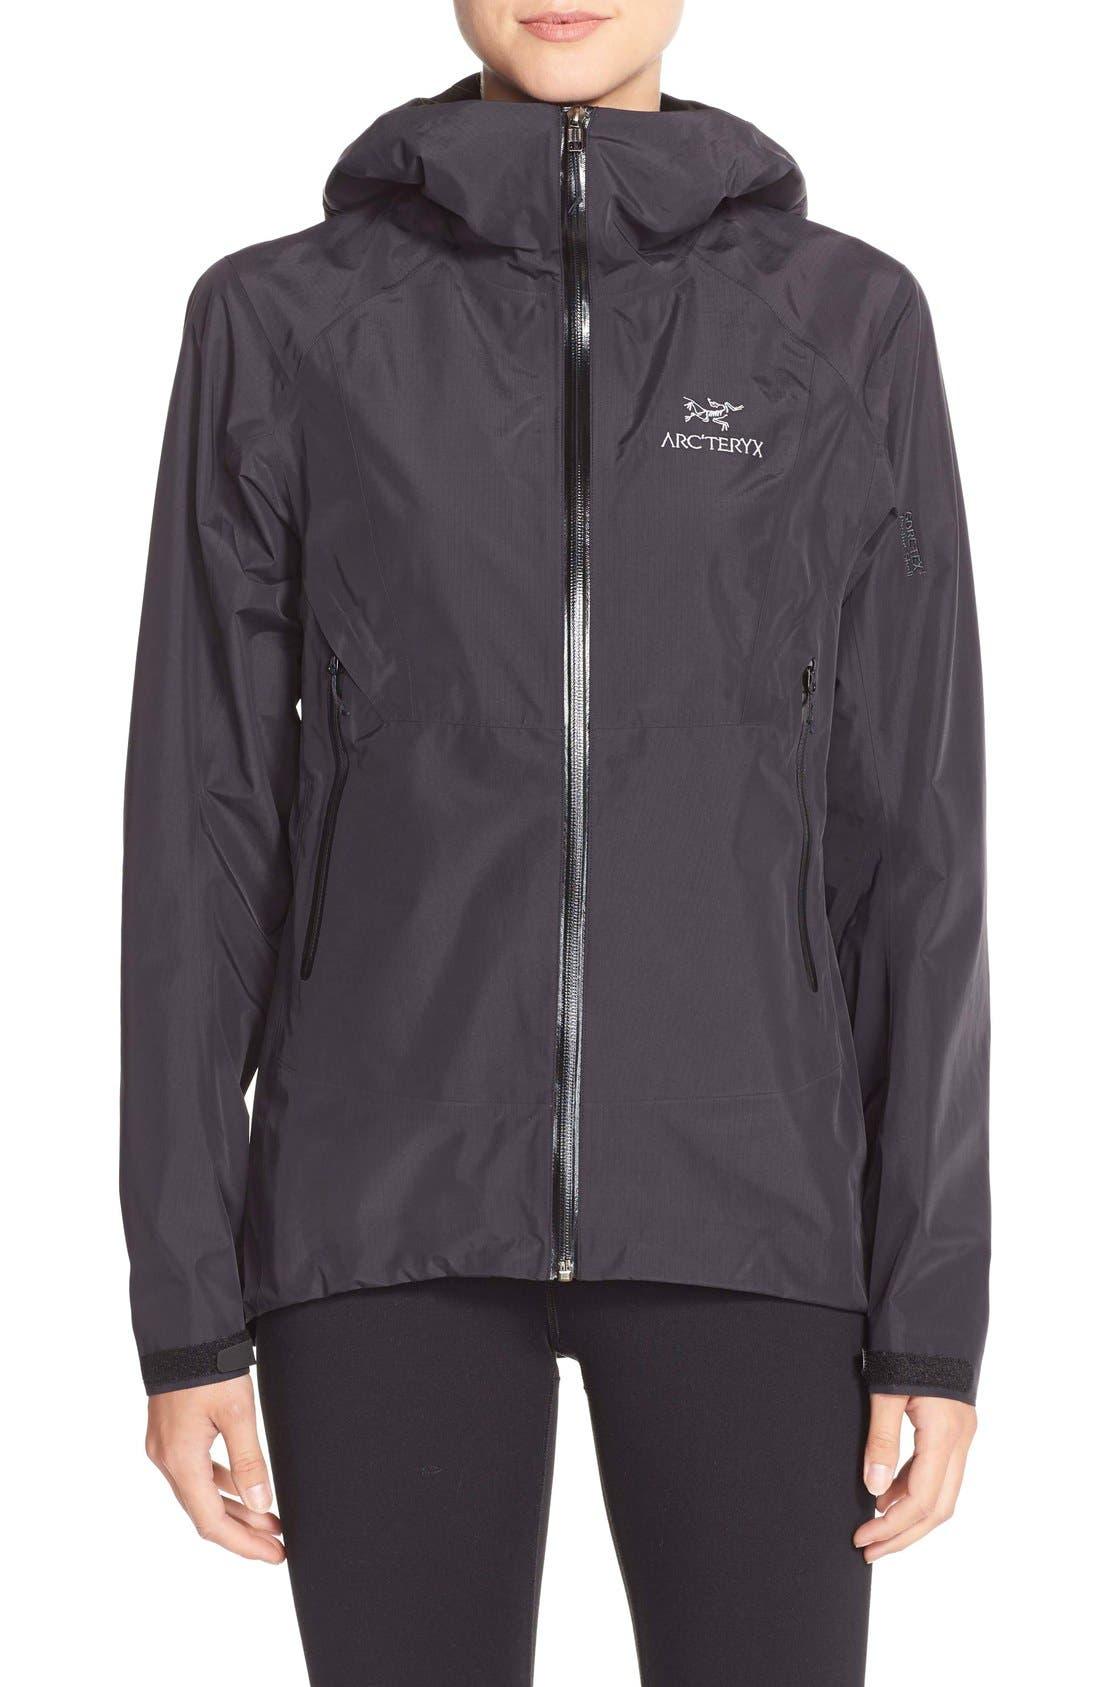 Alternate Image 1 Selected - Arc'teryx 'Beta SL' Waterproof Jacket